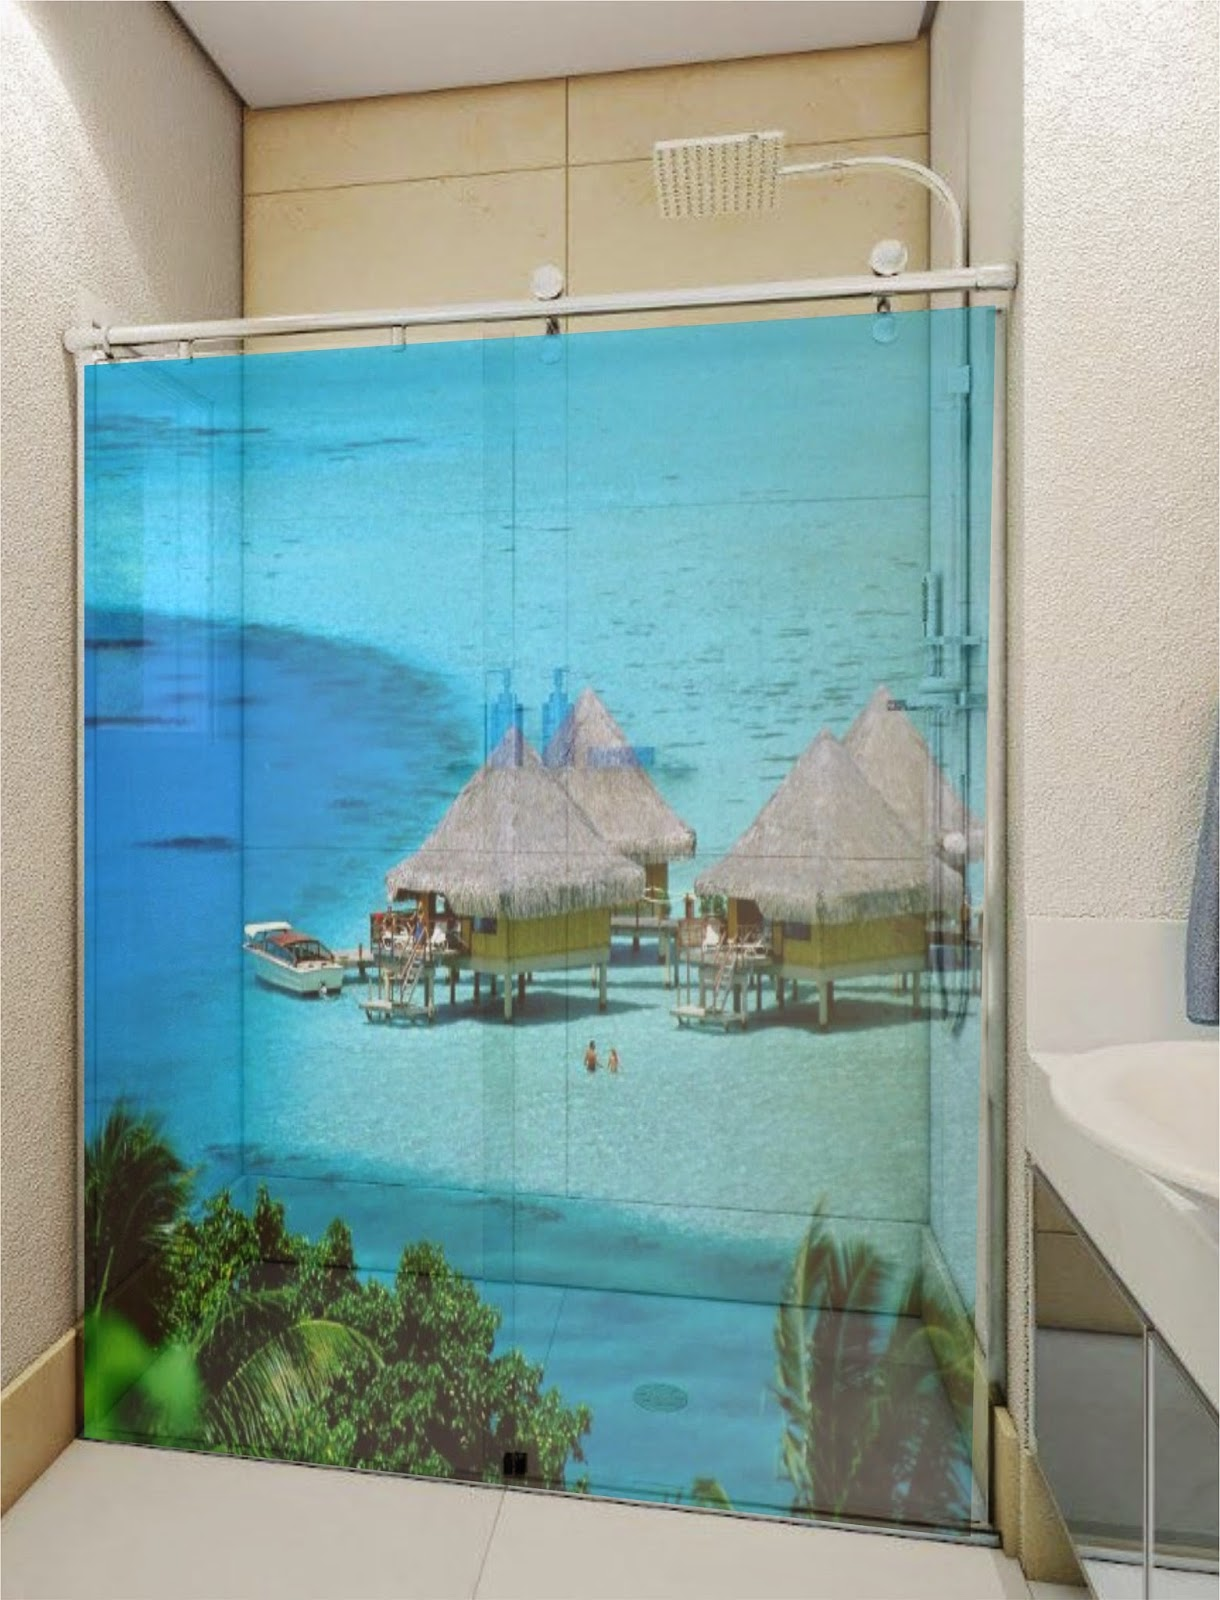 Imagens de #2988A2 GARAGE 75 ADESIVOS: Adesivo decorativo box banheiro/Jateado/ Bauru 1220x1600 px 2882 Box Banheiro Instalação